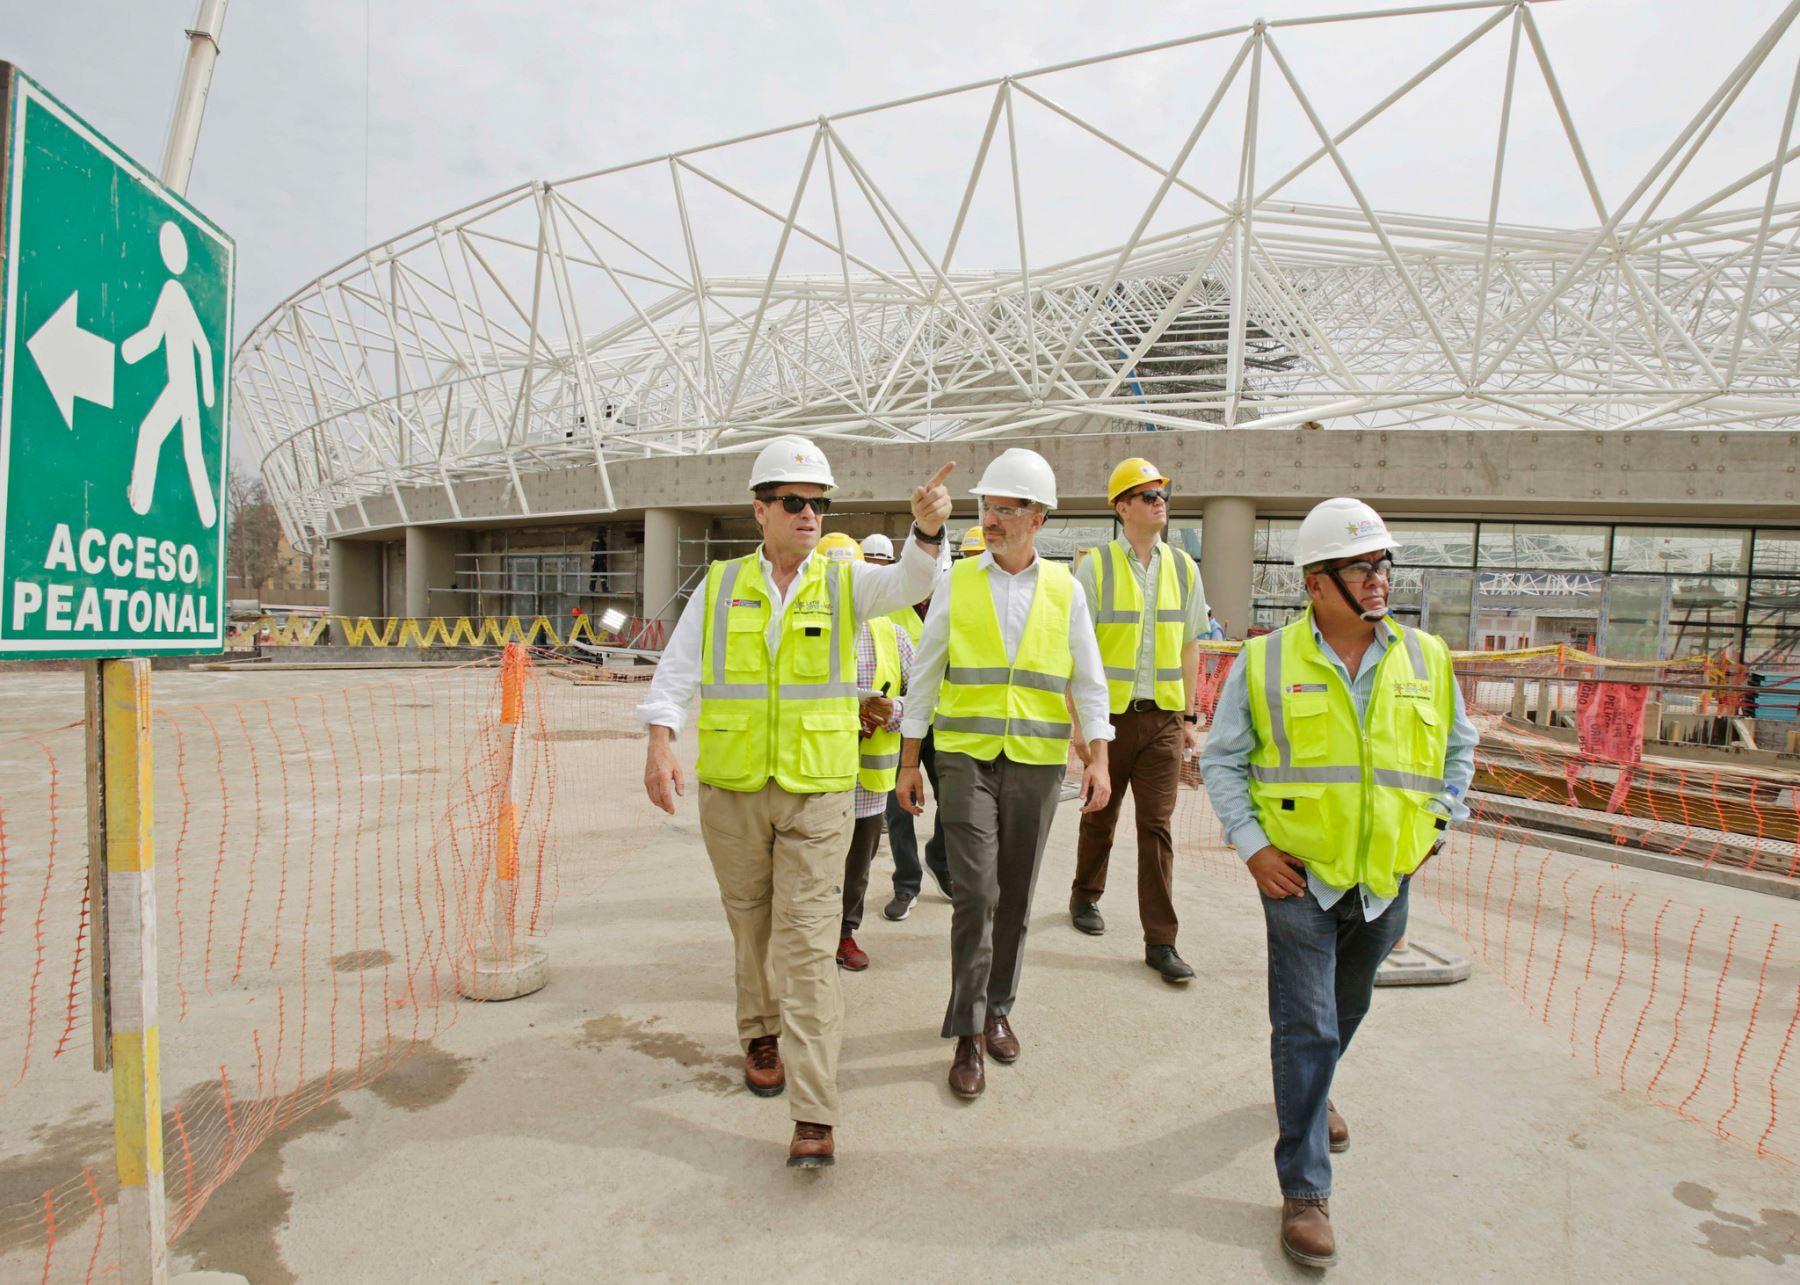 El presidente ejecutivo de Lima 2019, Carlos Neuhaus, y el titular del Instituto Peruano del Deporte, Sebastián Suito, recorrieron las instalaciones de la Villa Deportiva Nacional (Videna).